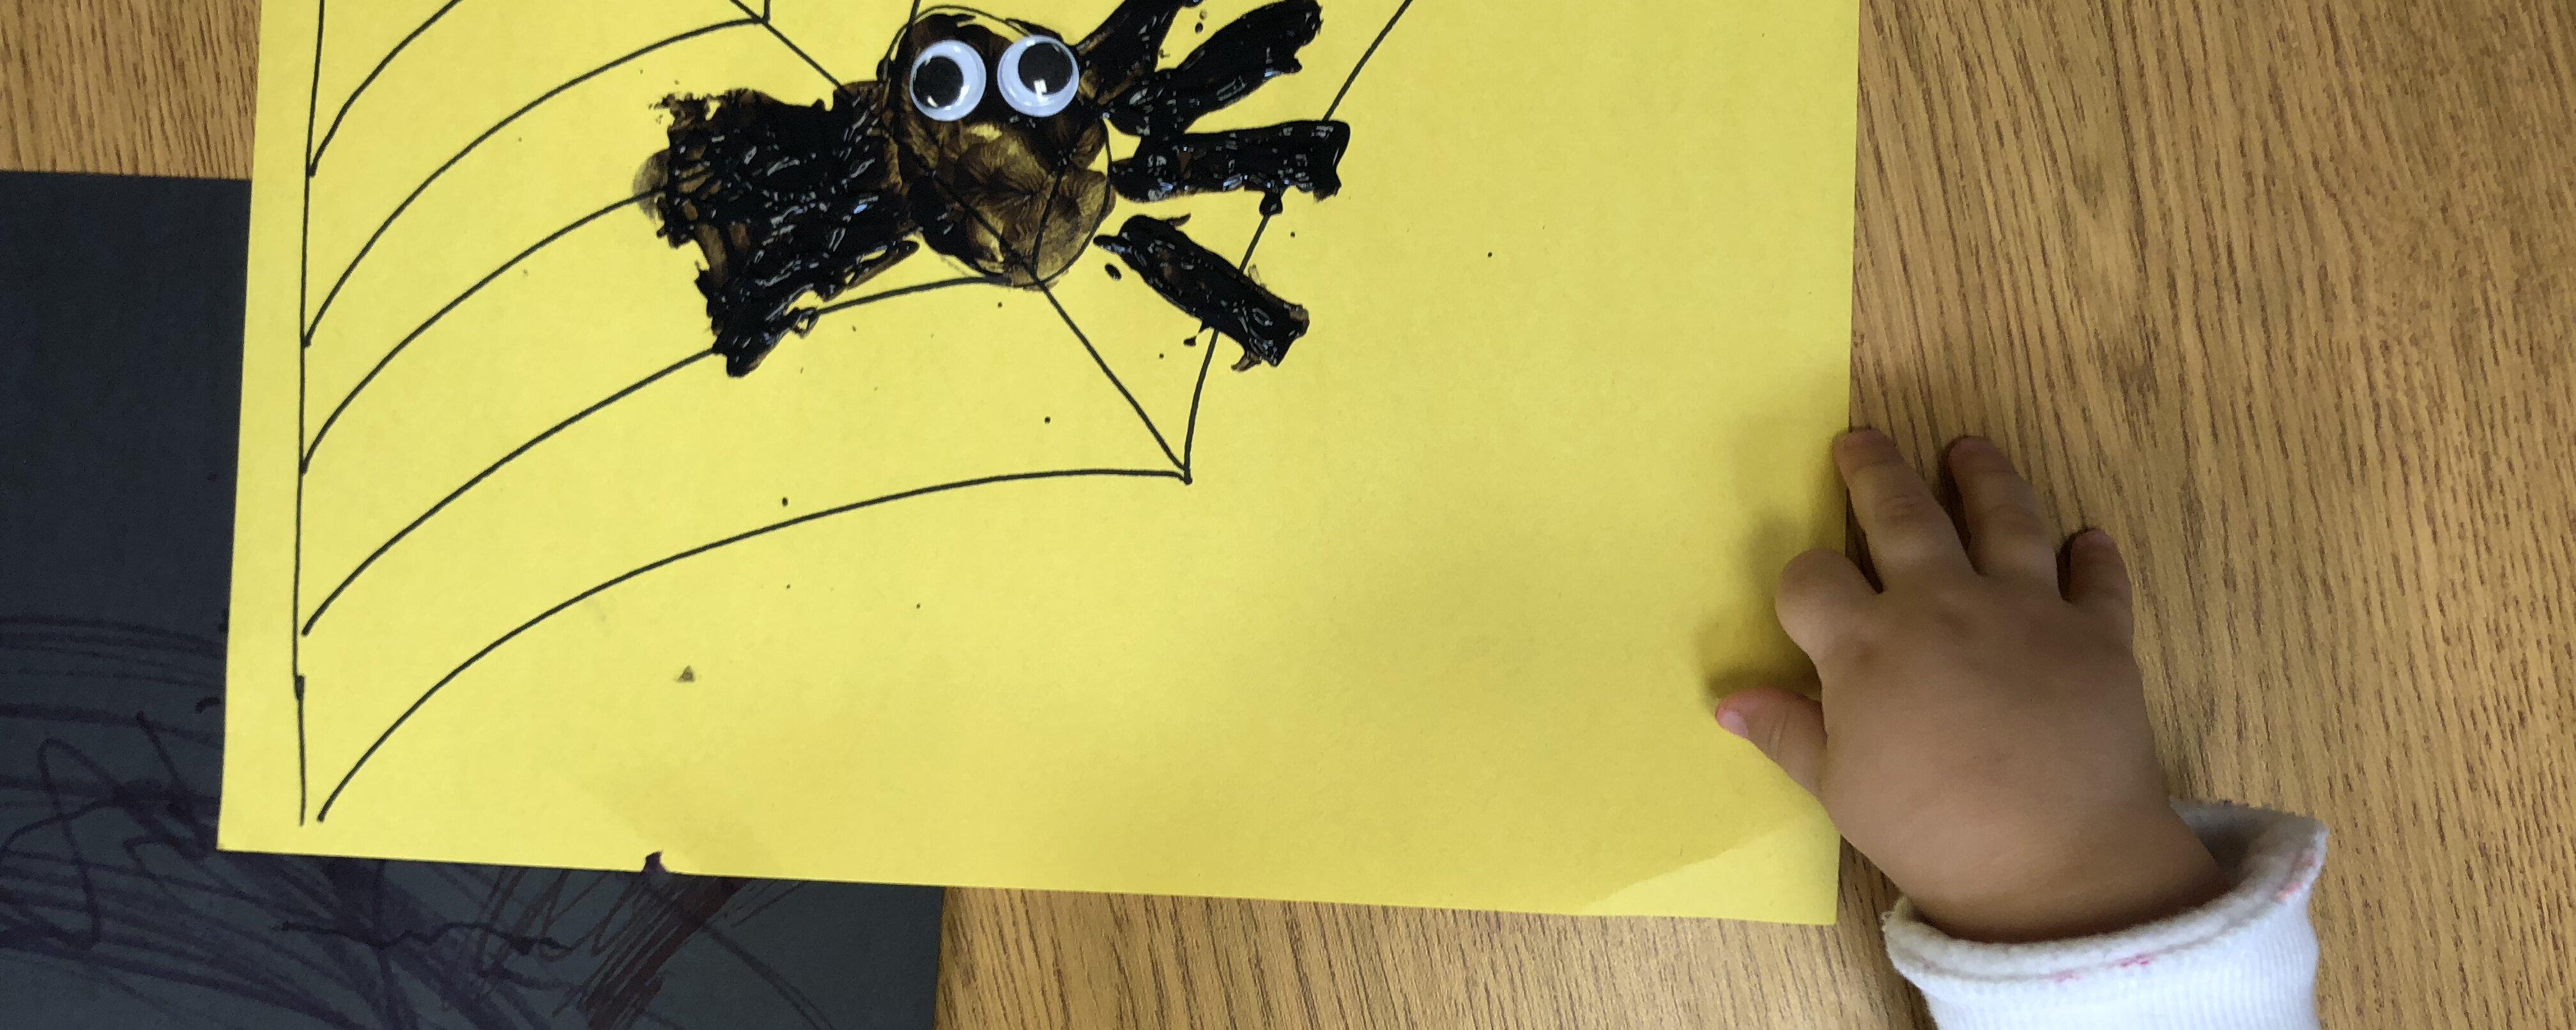 A Happy Spider craft